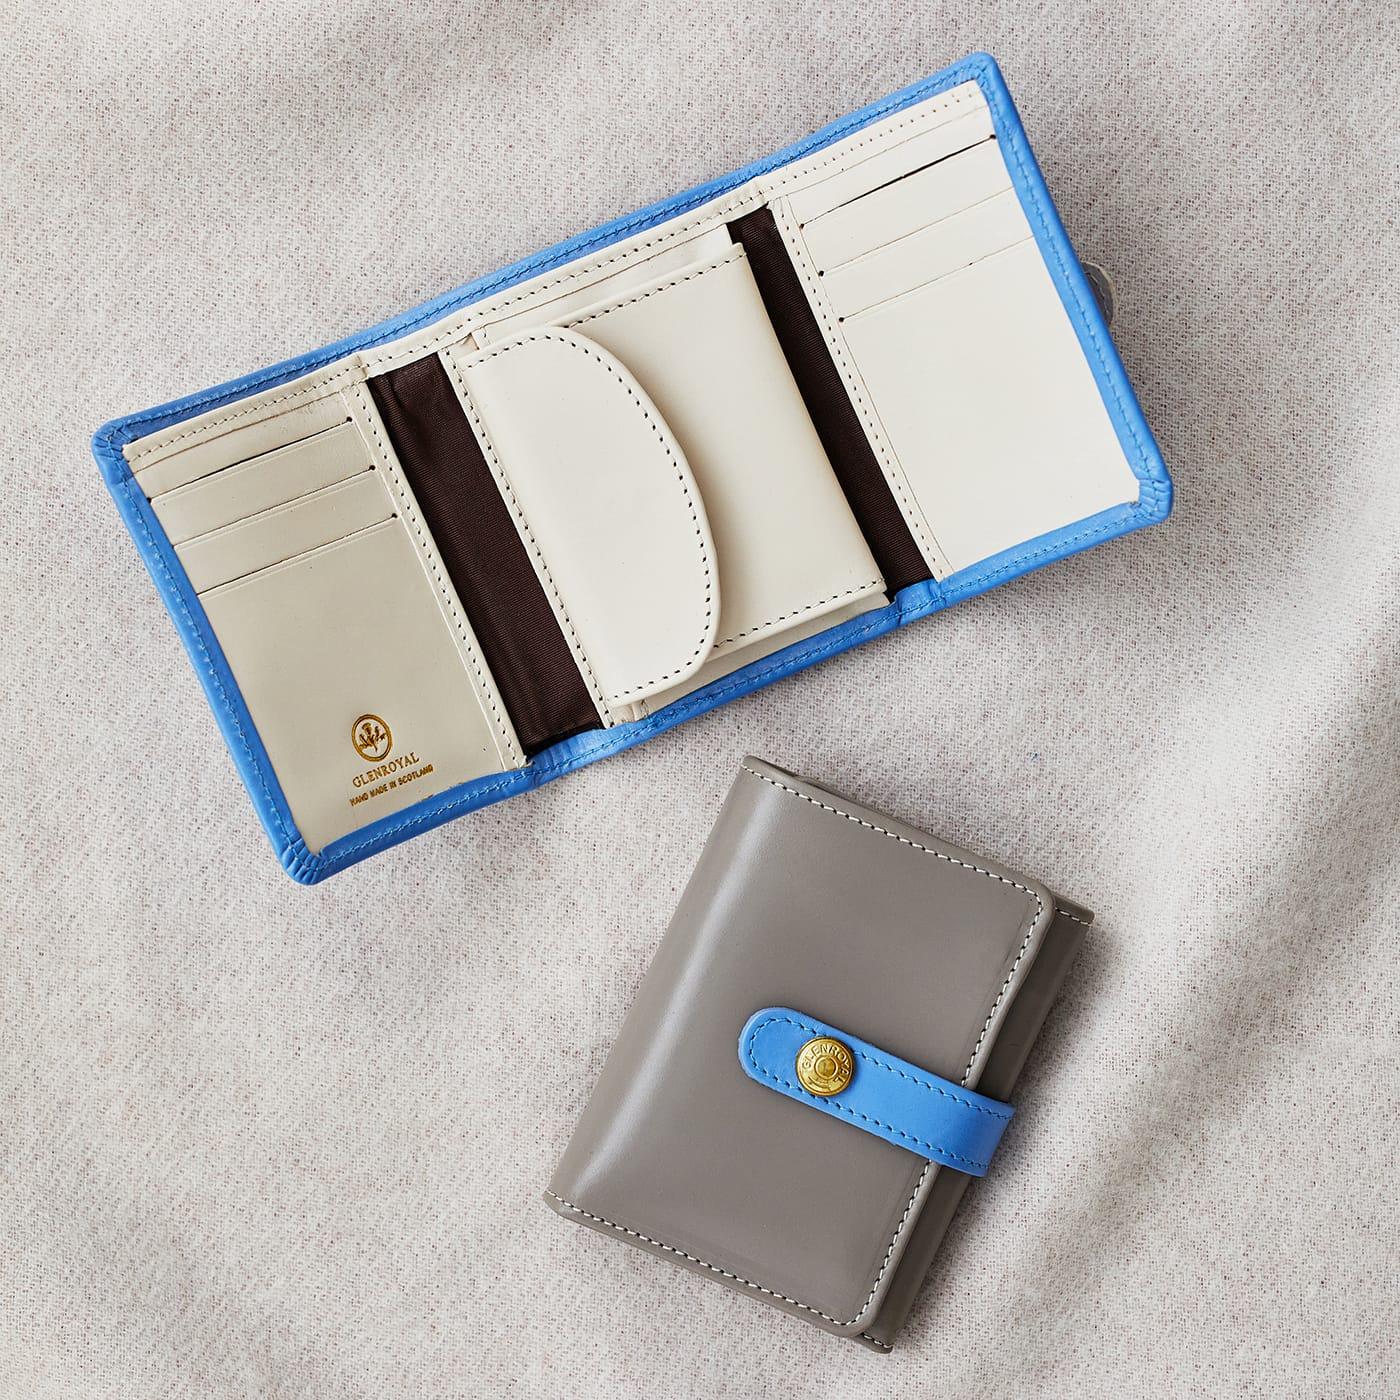 グレンロイヤル 収納力とコンパクトさの両立 三つ折りタイプのミニ財布 TRIFOLD SMALL WALLET WITH TAB